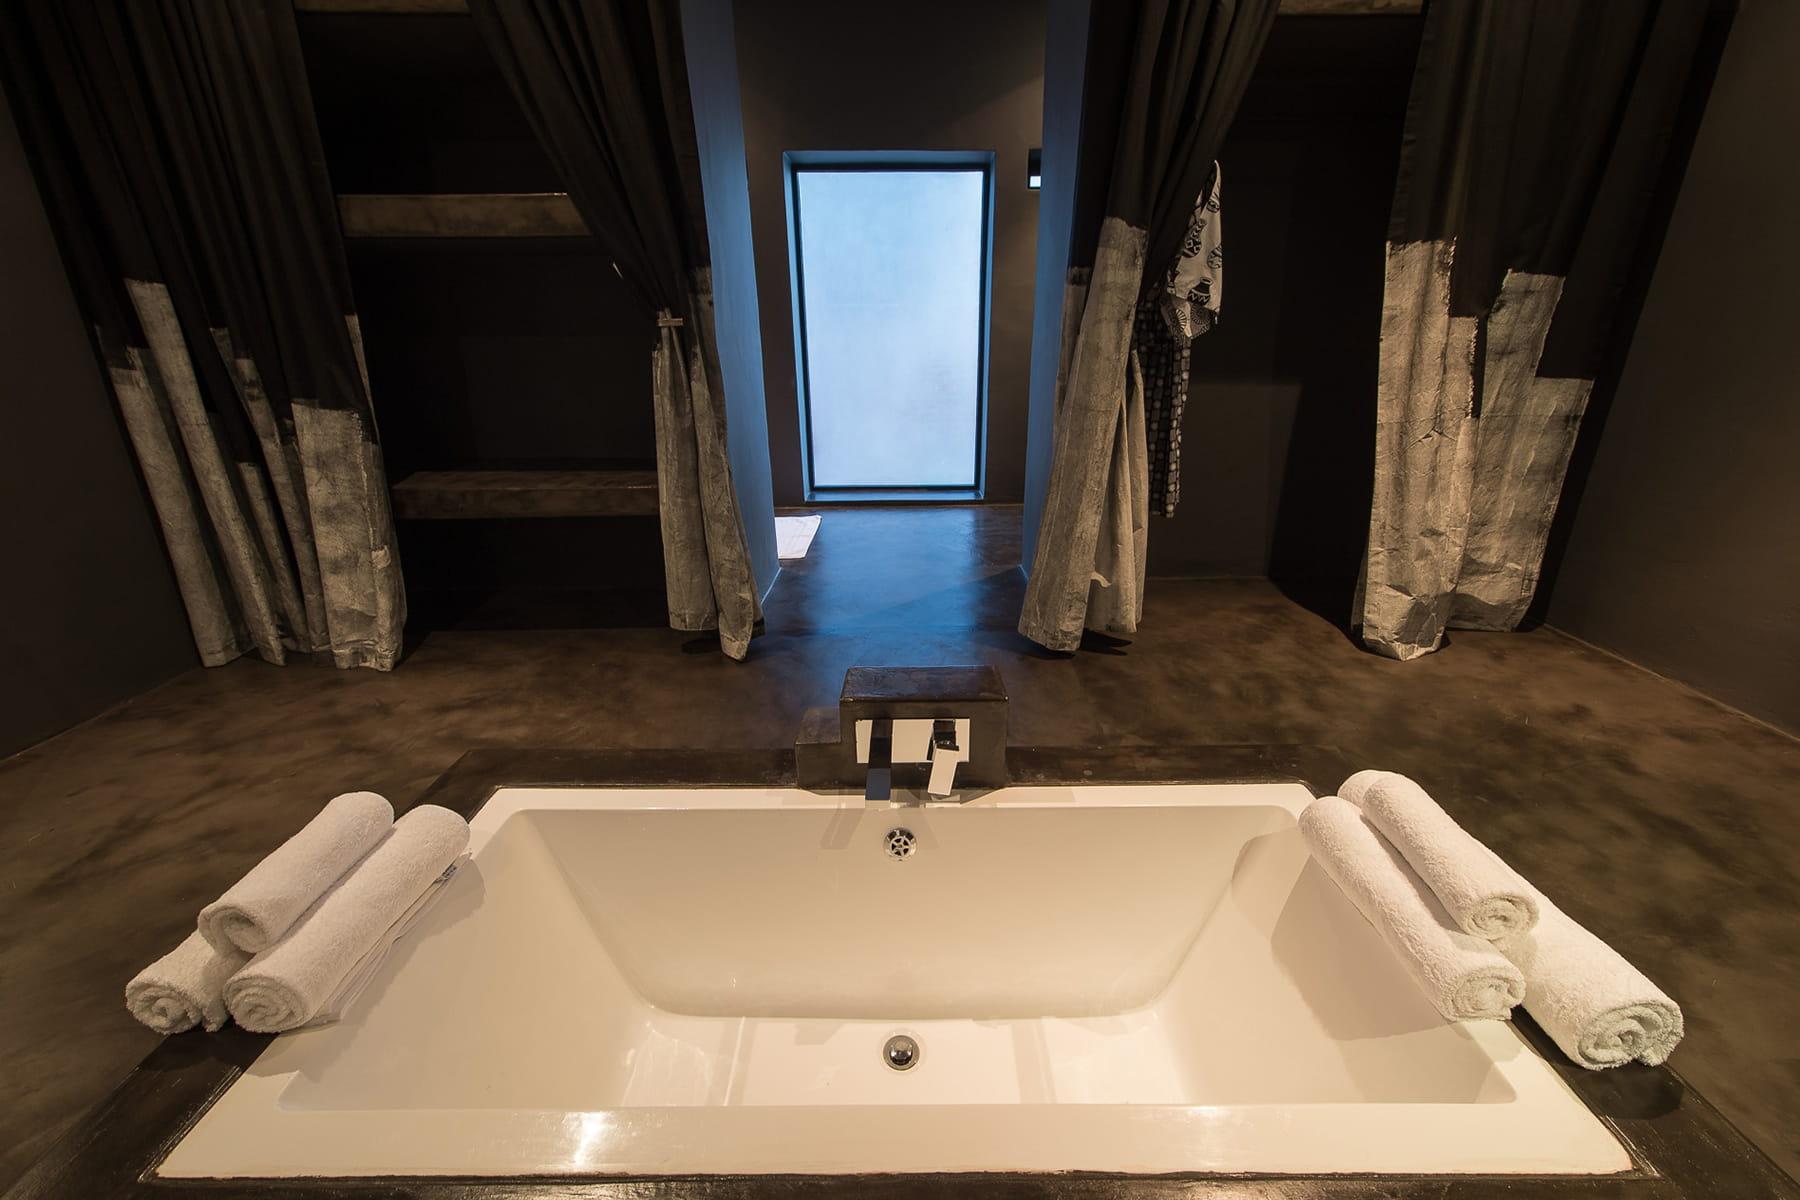 Une ambiance tamis e des salles de bains qui font r ver - Rever de salle de bain ...